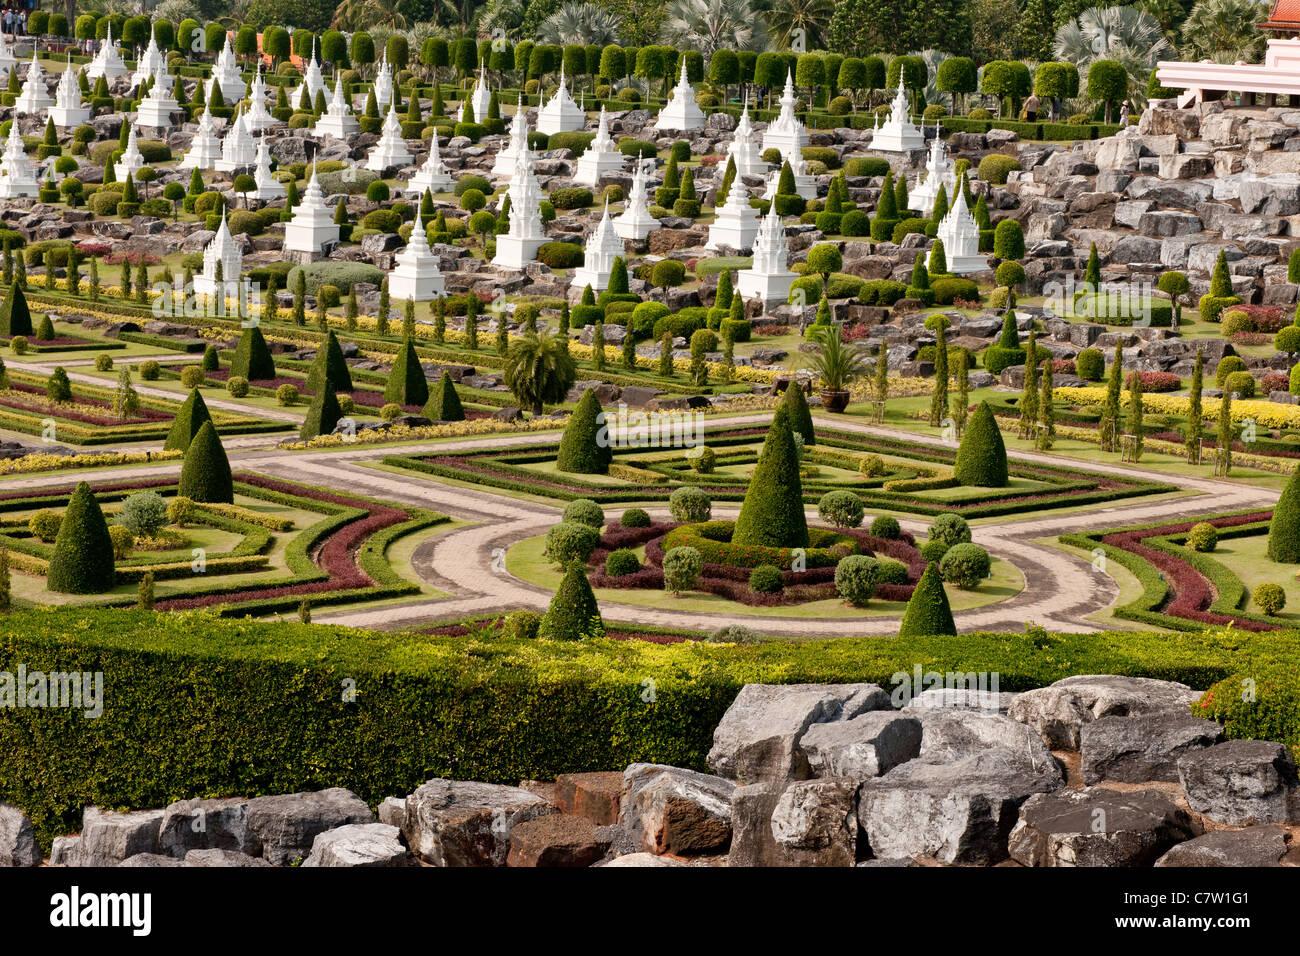 Thai Garden Stock Photos & Thai Garden Stock Images - Alamy